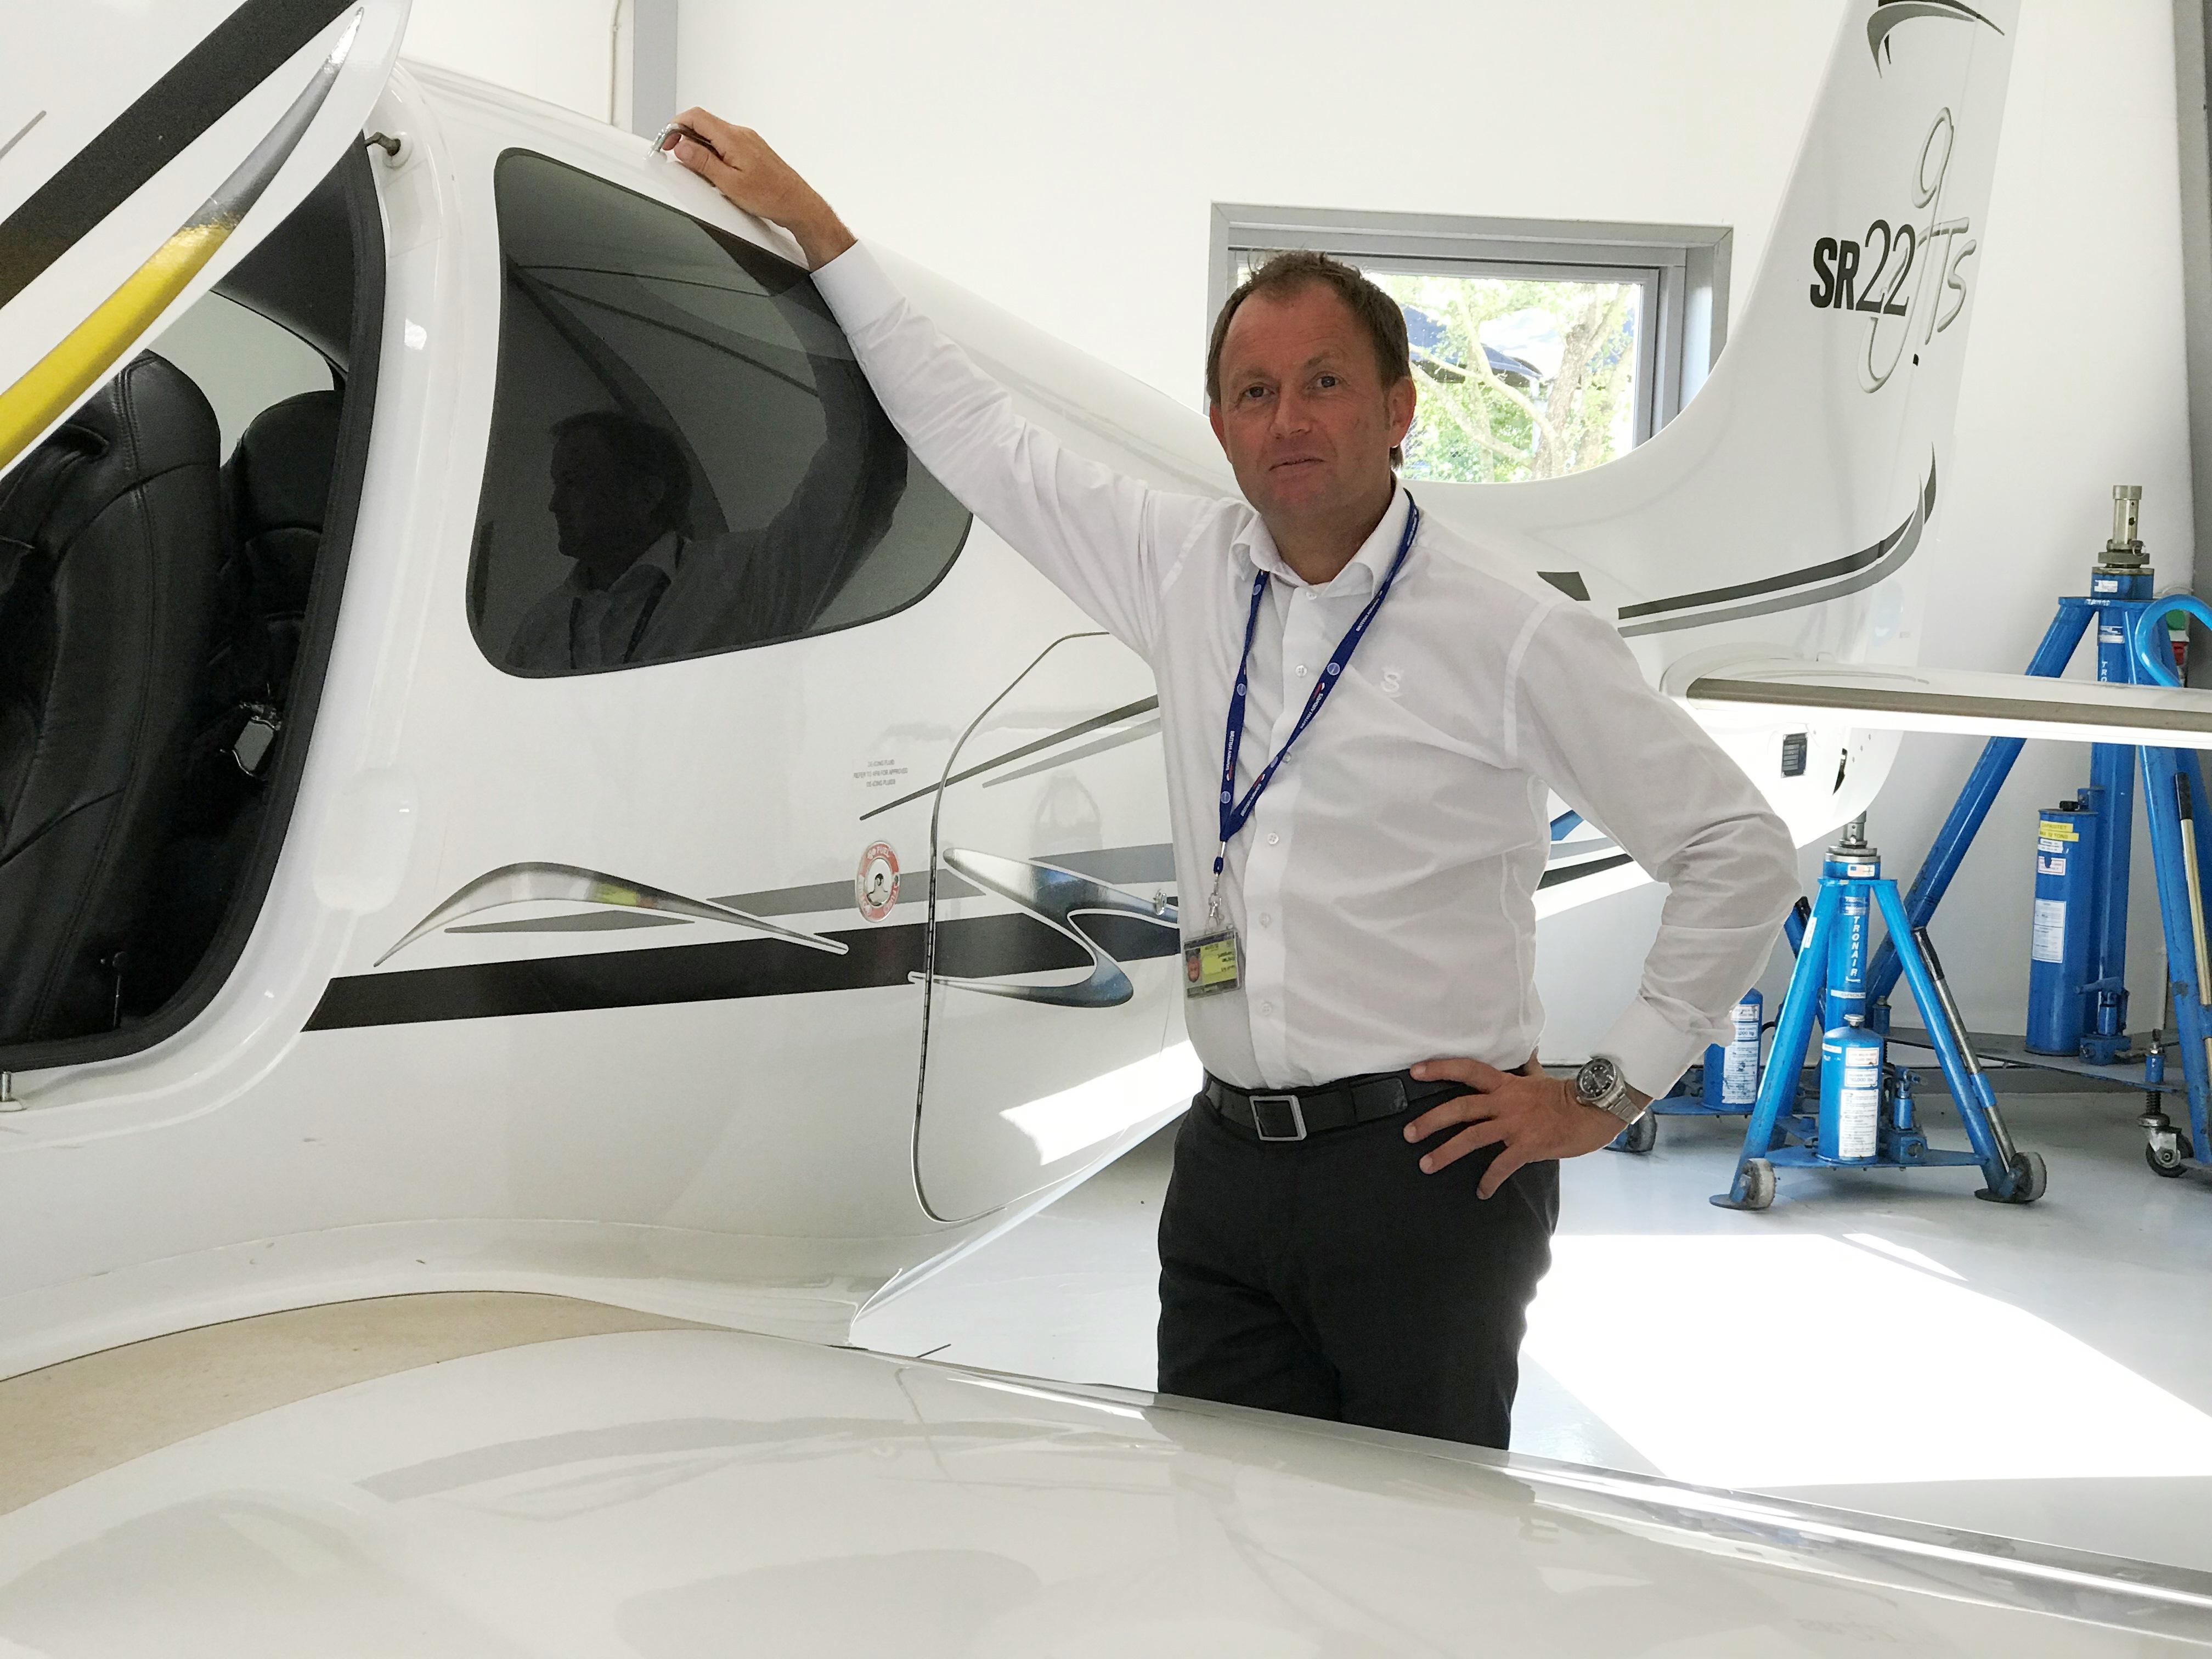 Kristian Tvergaard foran Cirrus SR22-firmaflyet hos Sun-Air. (Foto: Ole Kirchert Christensen)